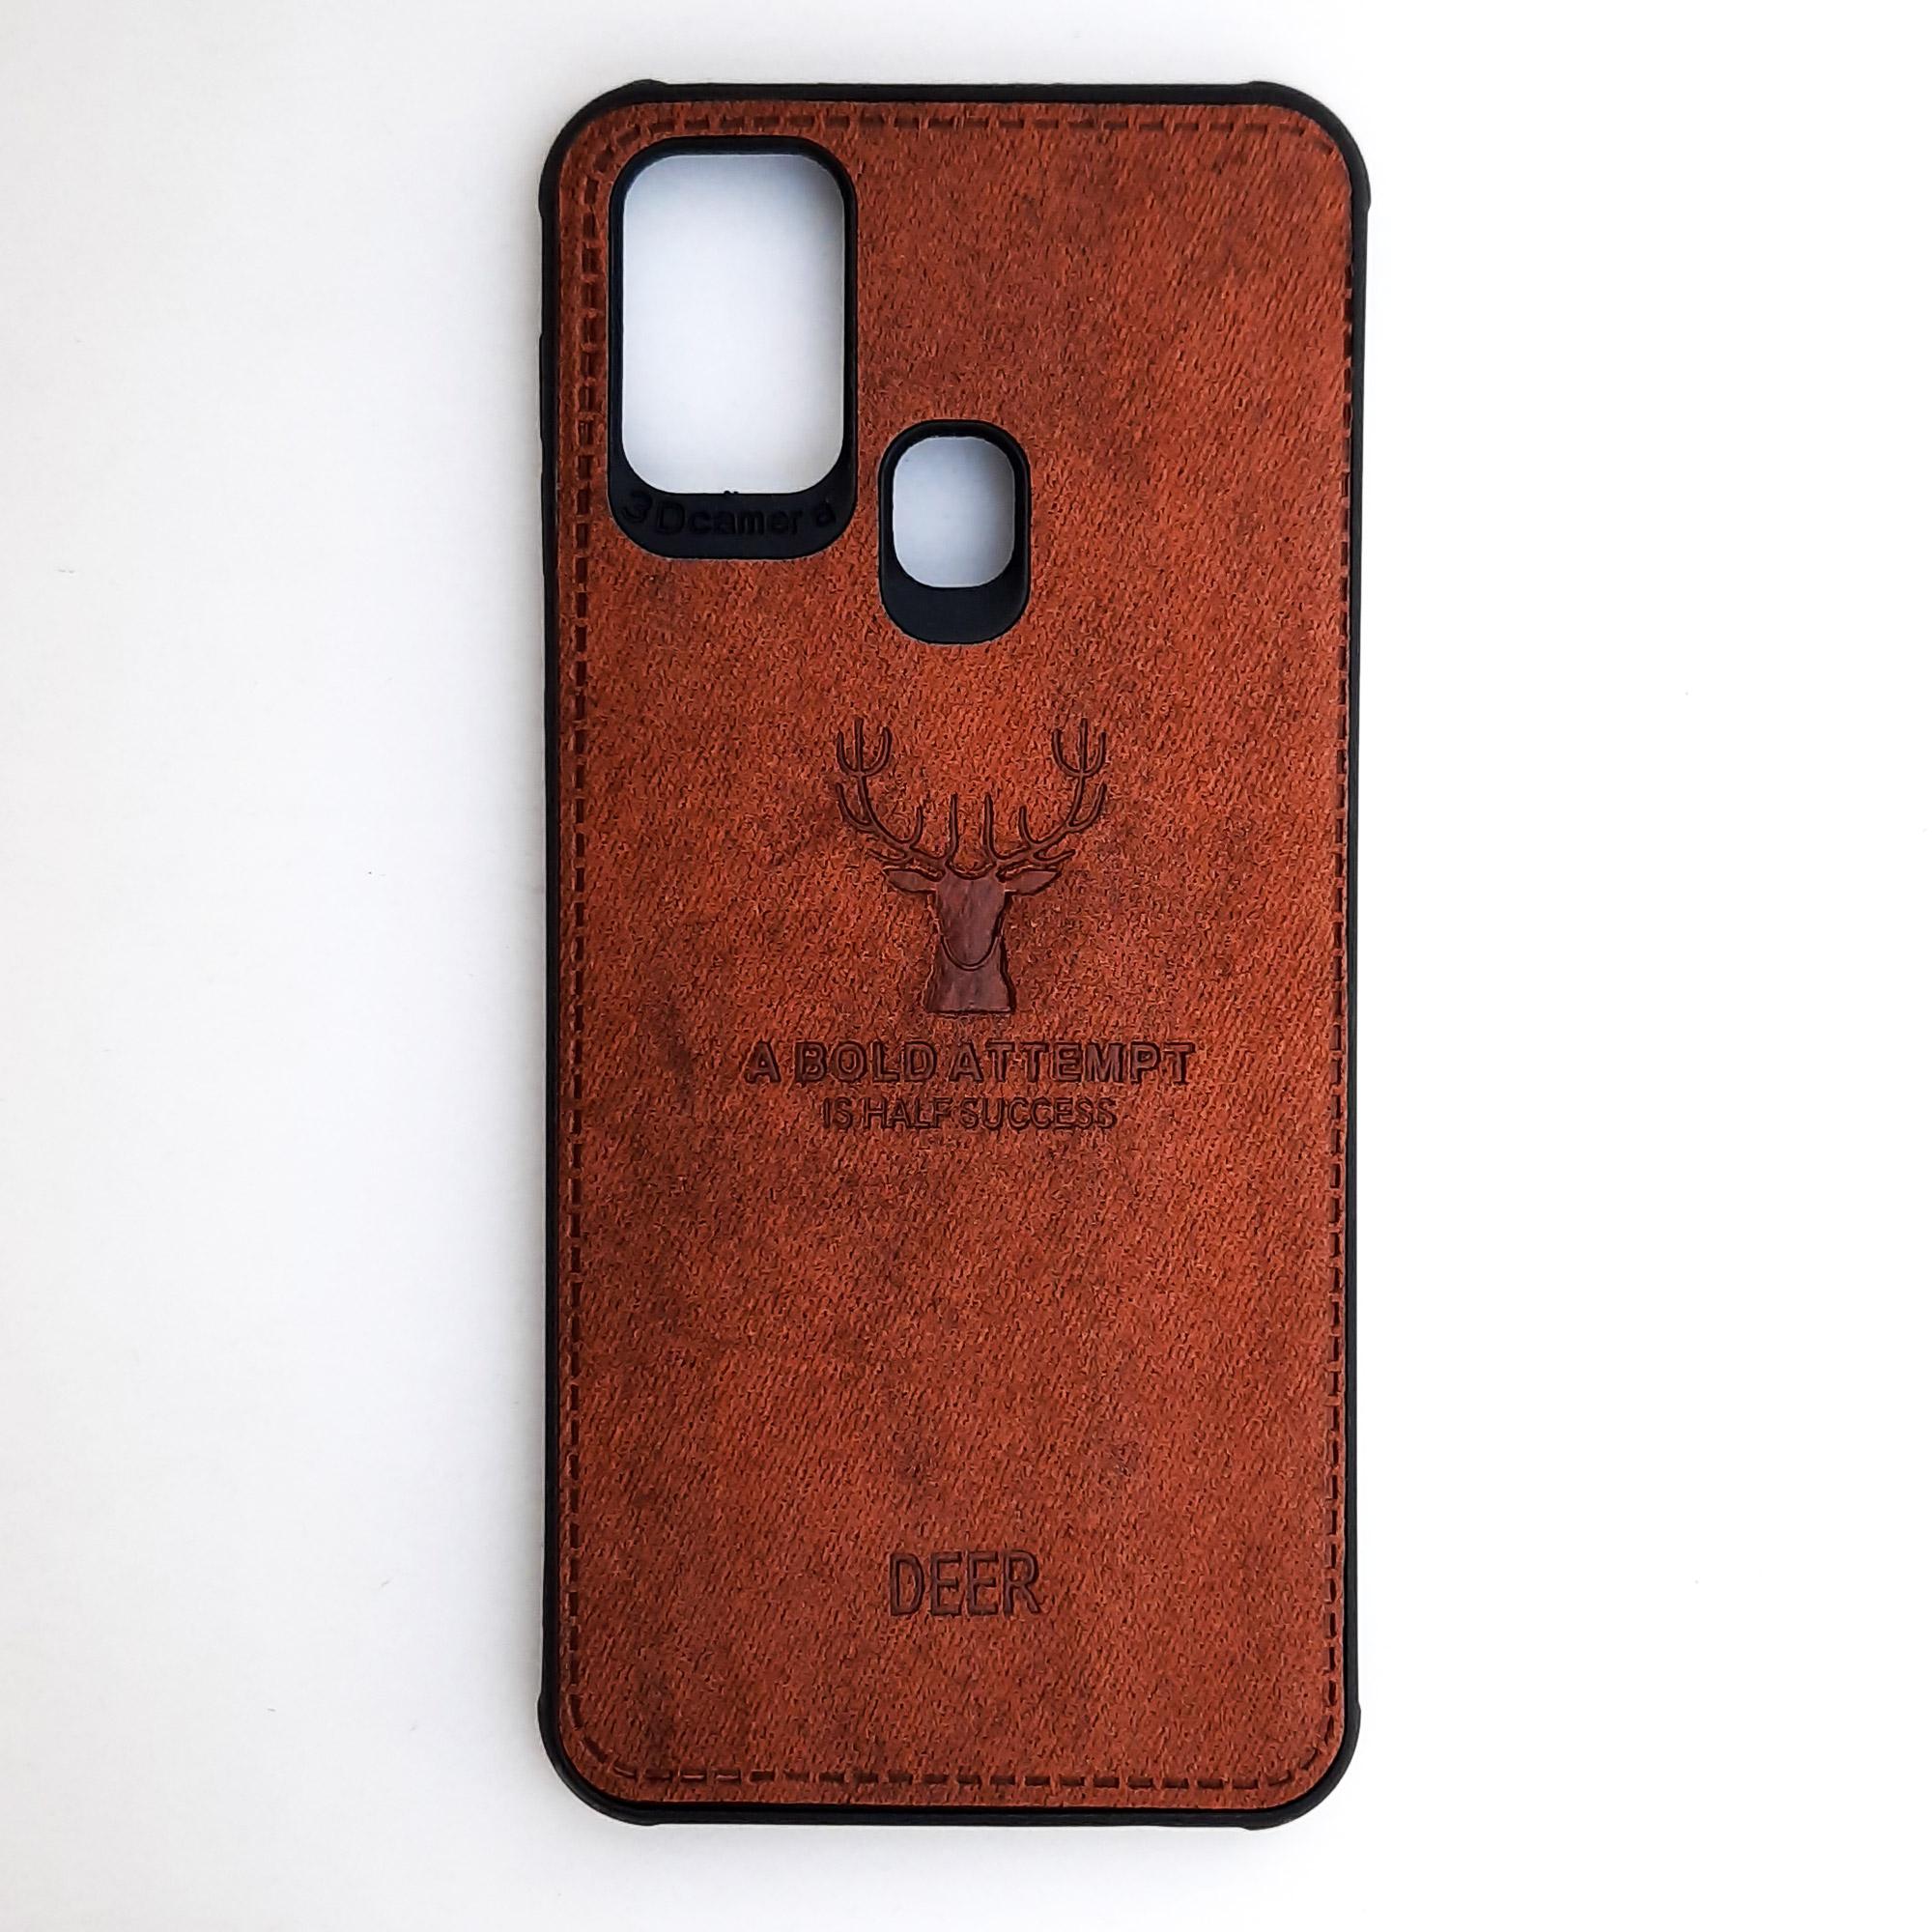 کاور مدل CO509 طرح گوزن مناسب برای گوشی موبایل سامسونگ Galaxy M31 main 1 6